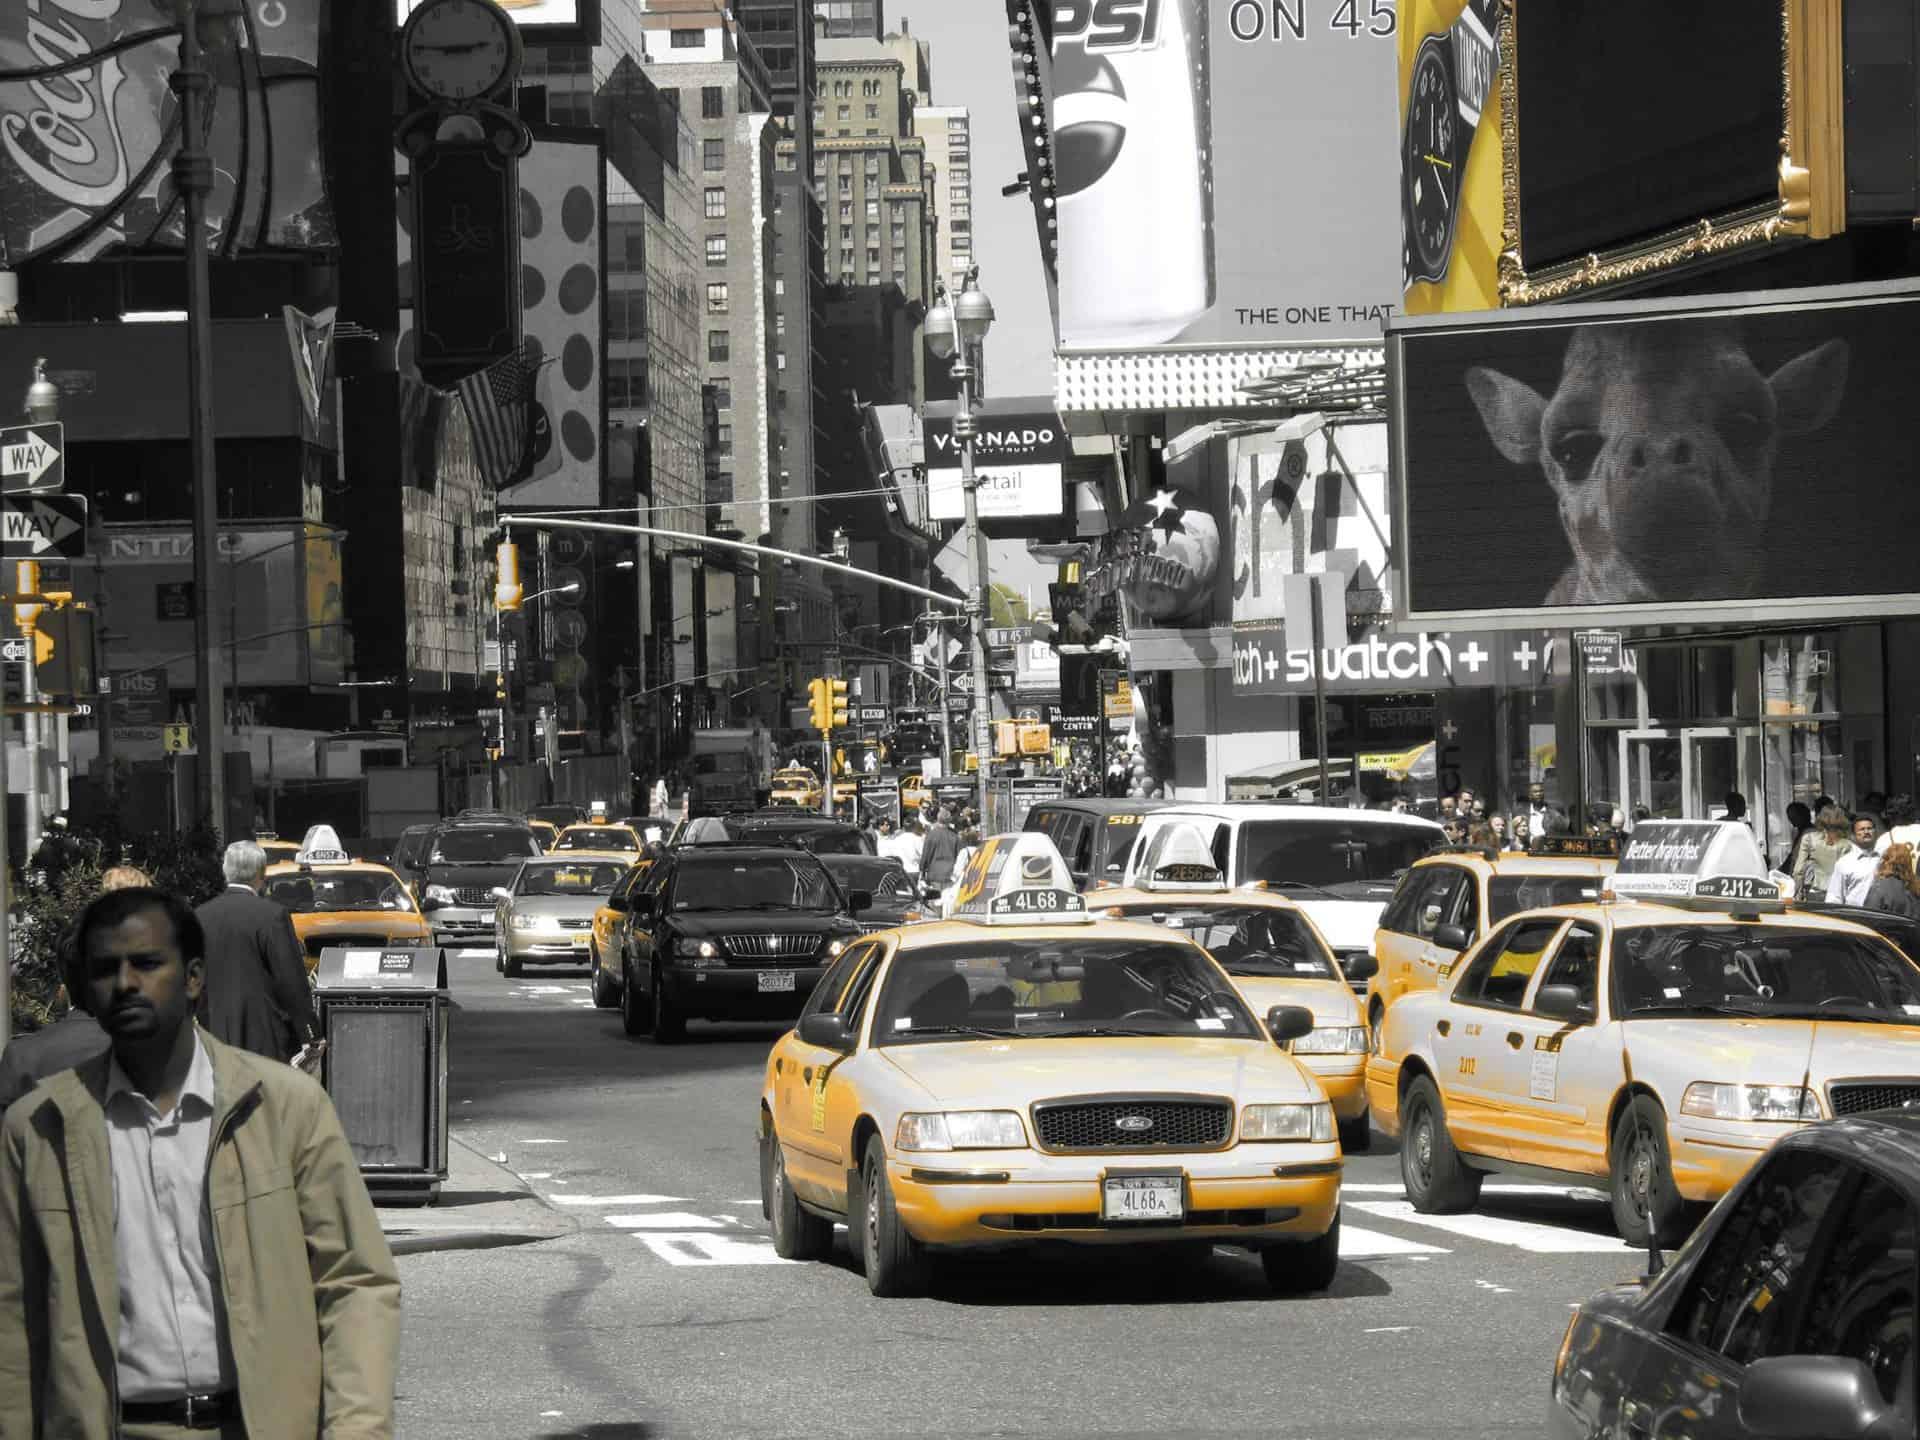 טיול בניו יורק – מידע כללי